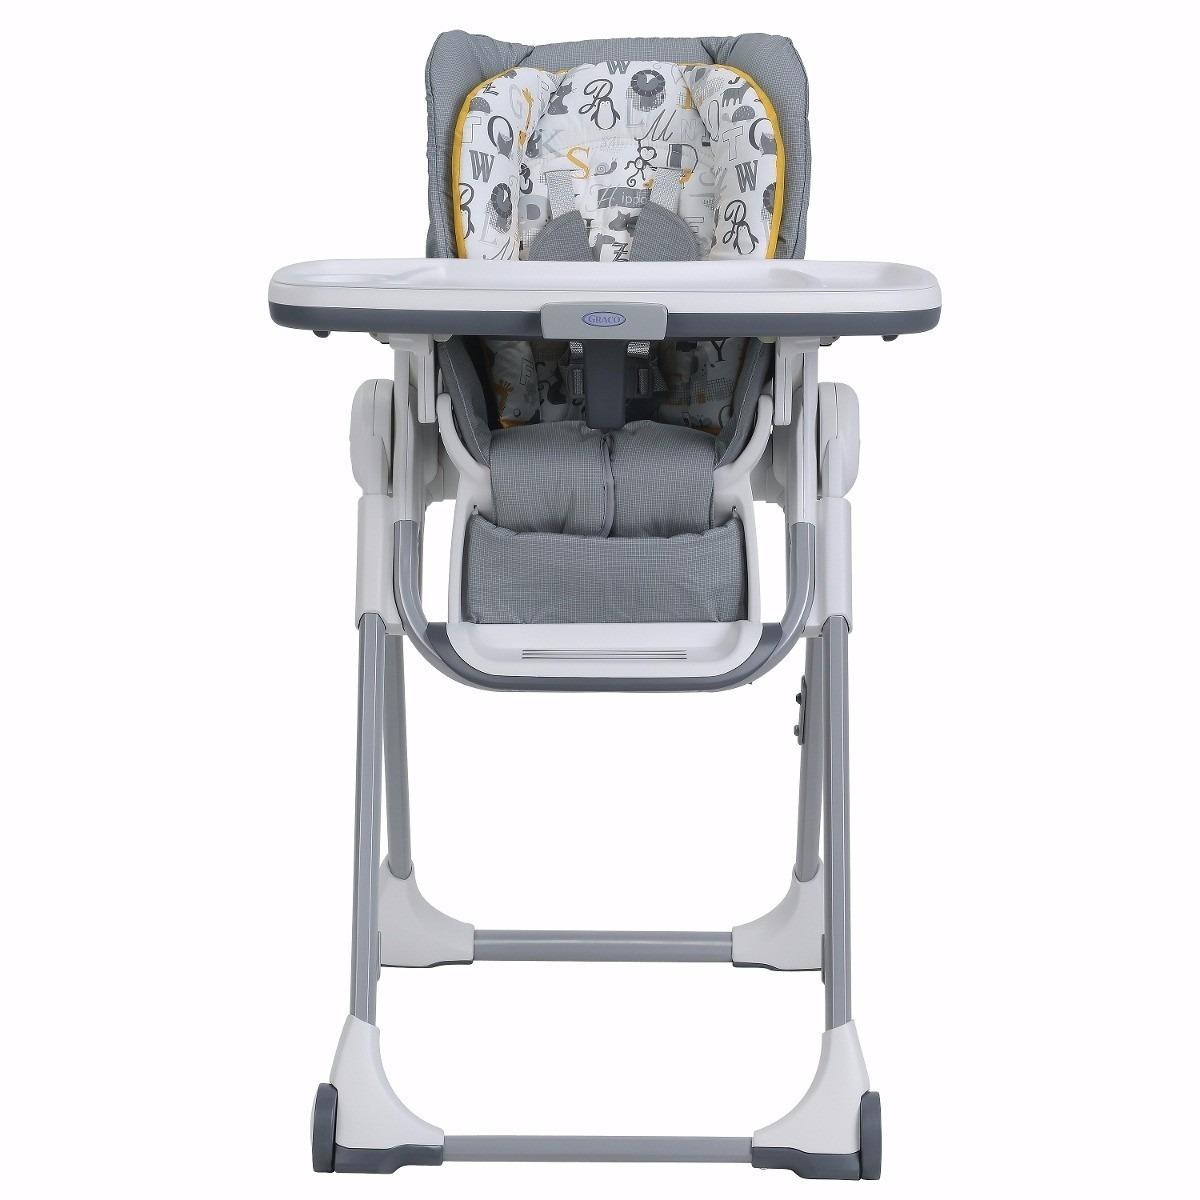 450a2c17e silla bebe alta de comer graco swift fold abc envio gratis. Cargando zoom.